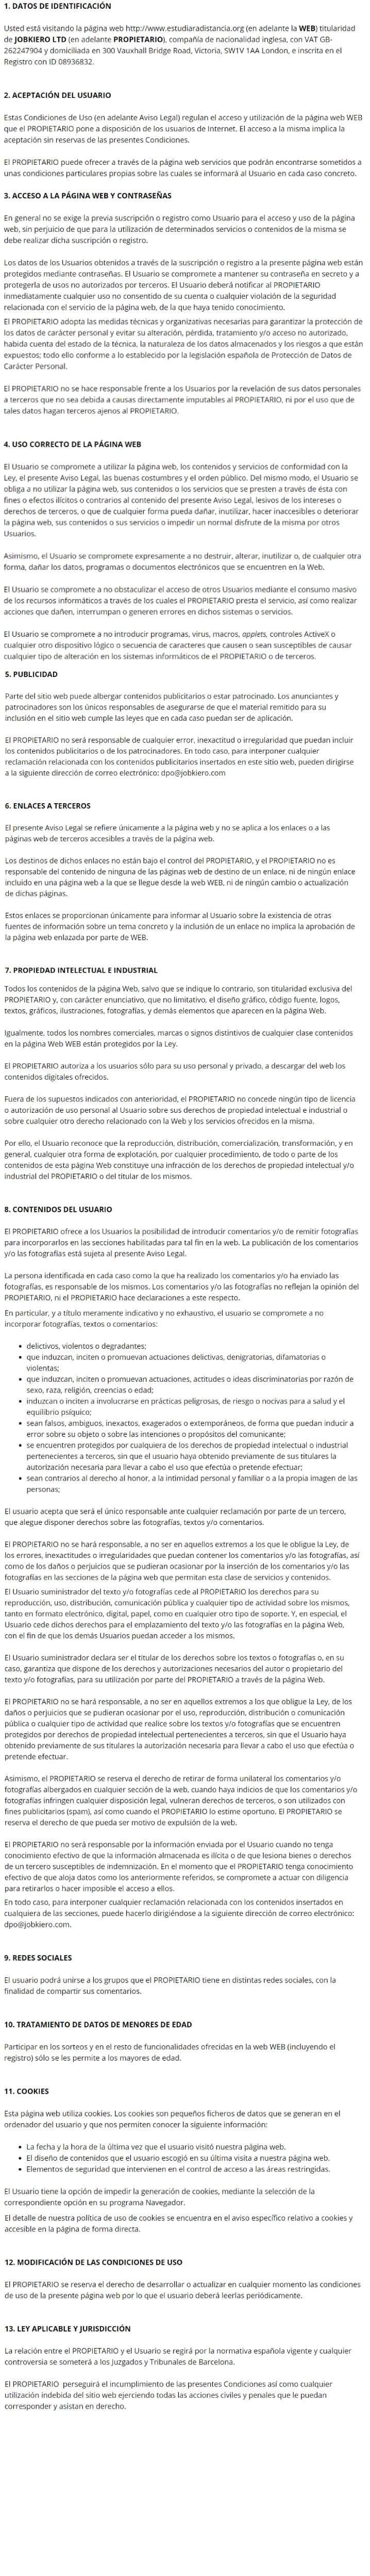 texto condiciones de uso de la web estudiar a distancia